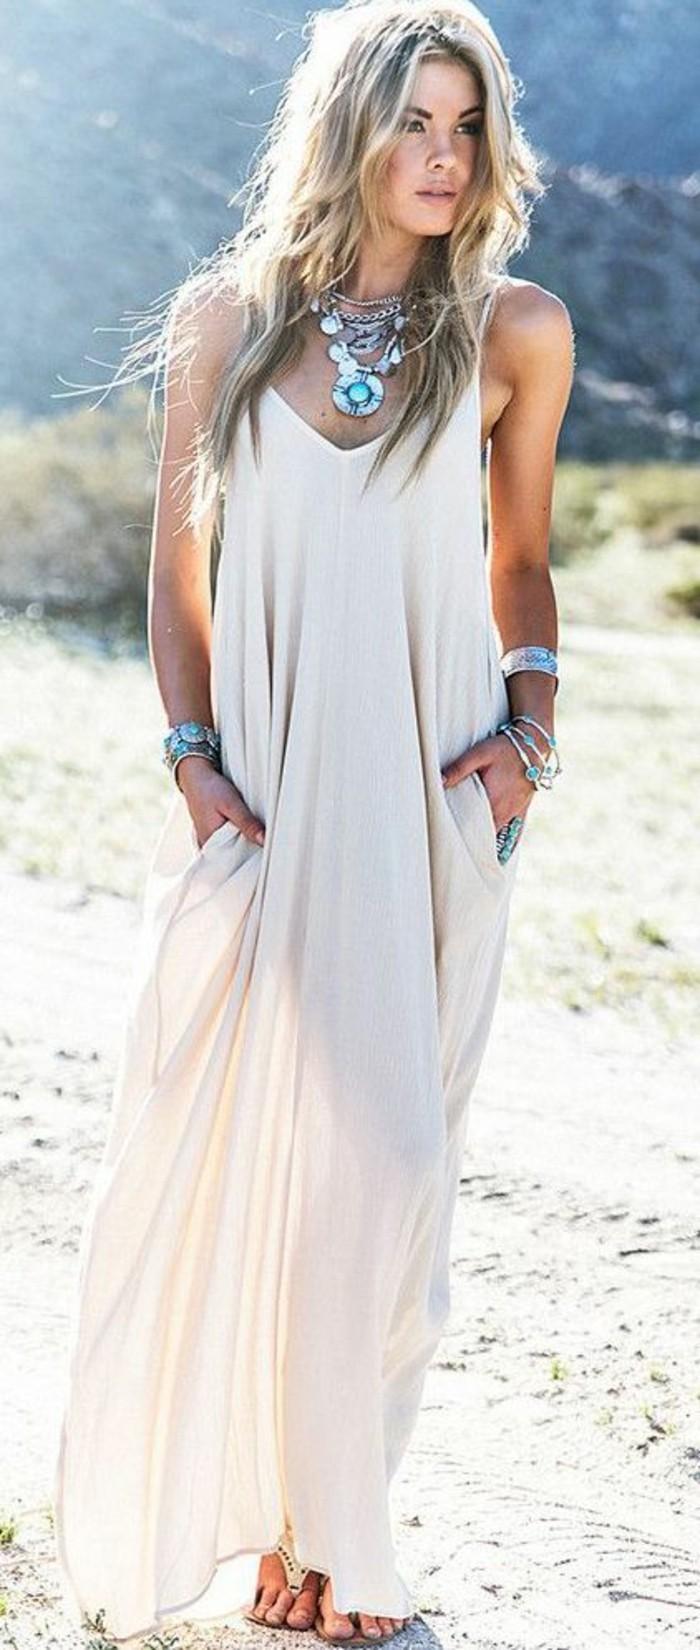 magnifique-robe-plage-grande-taille-tenu-de-plage-une-idée-cool-long-blonde